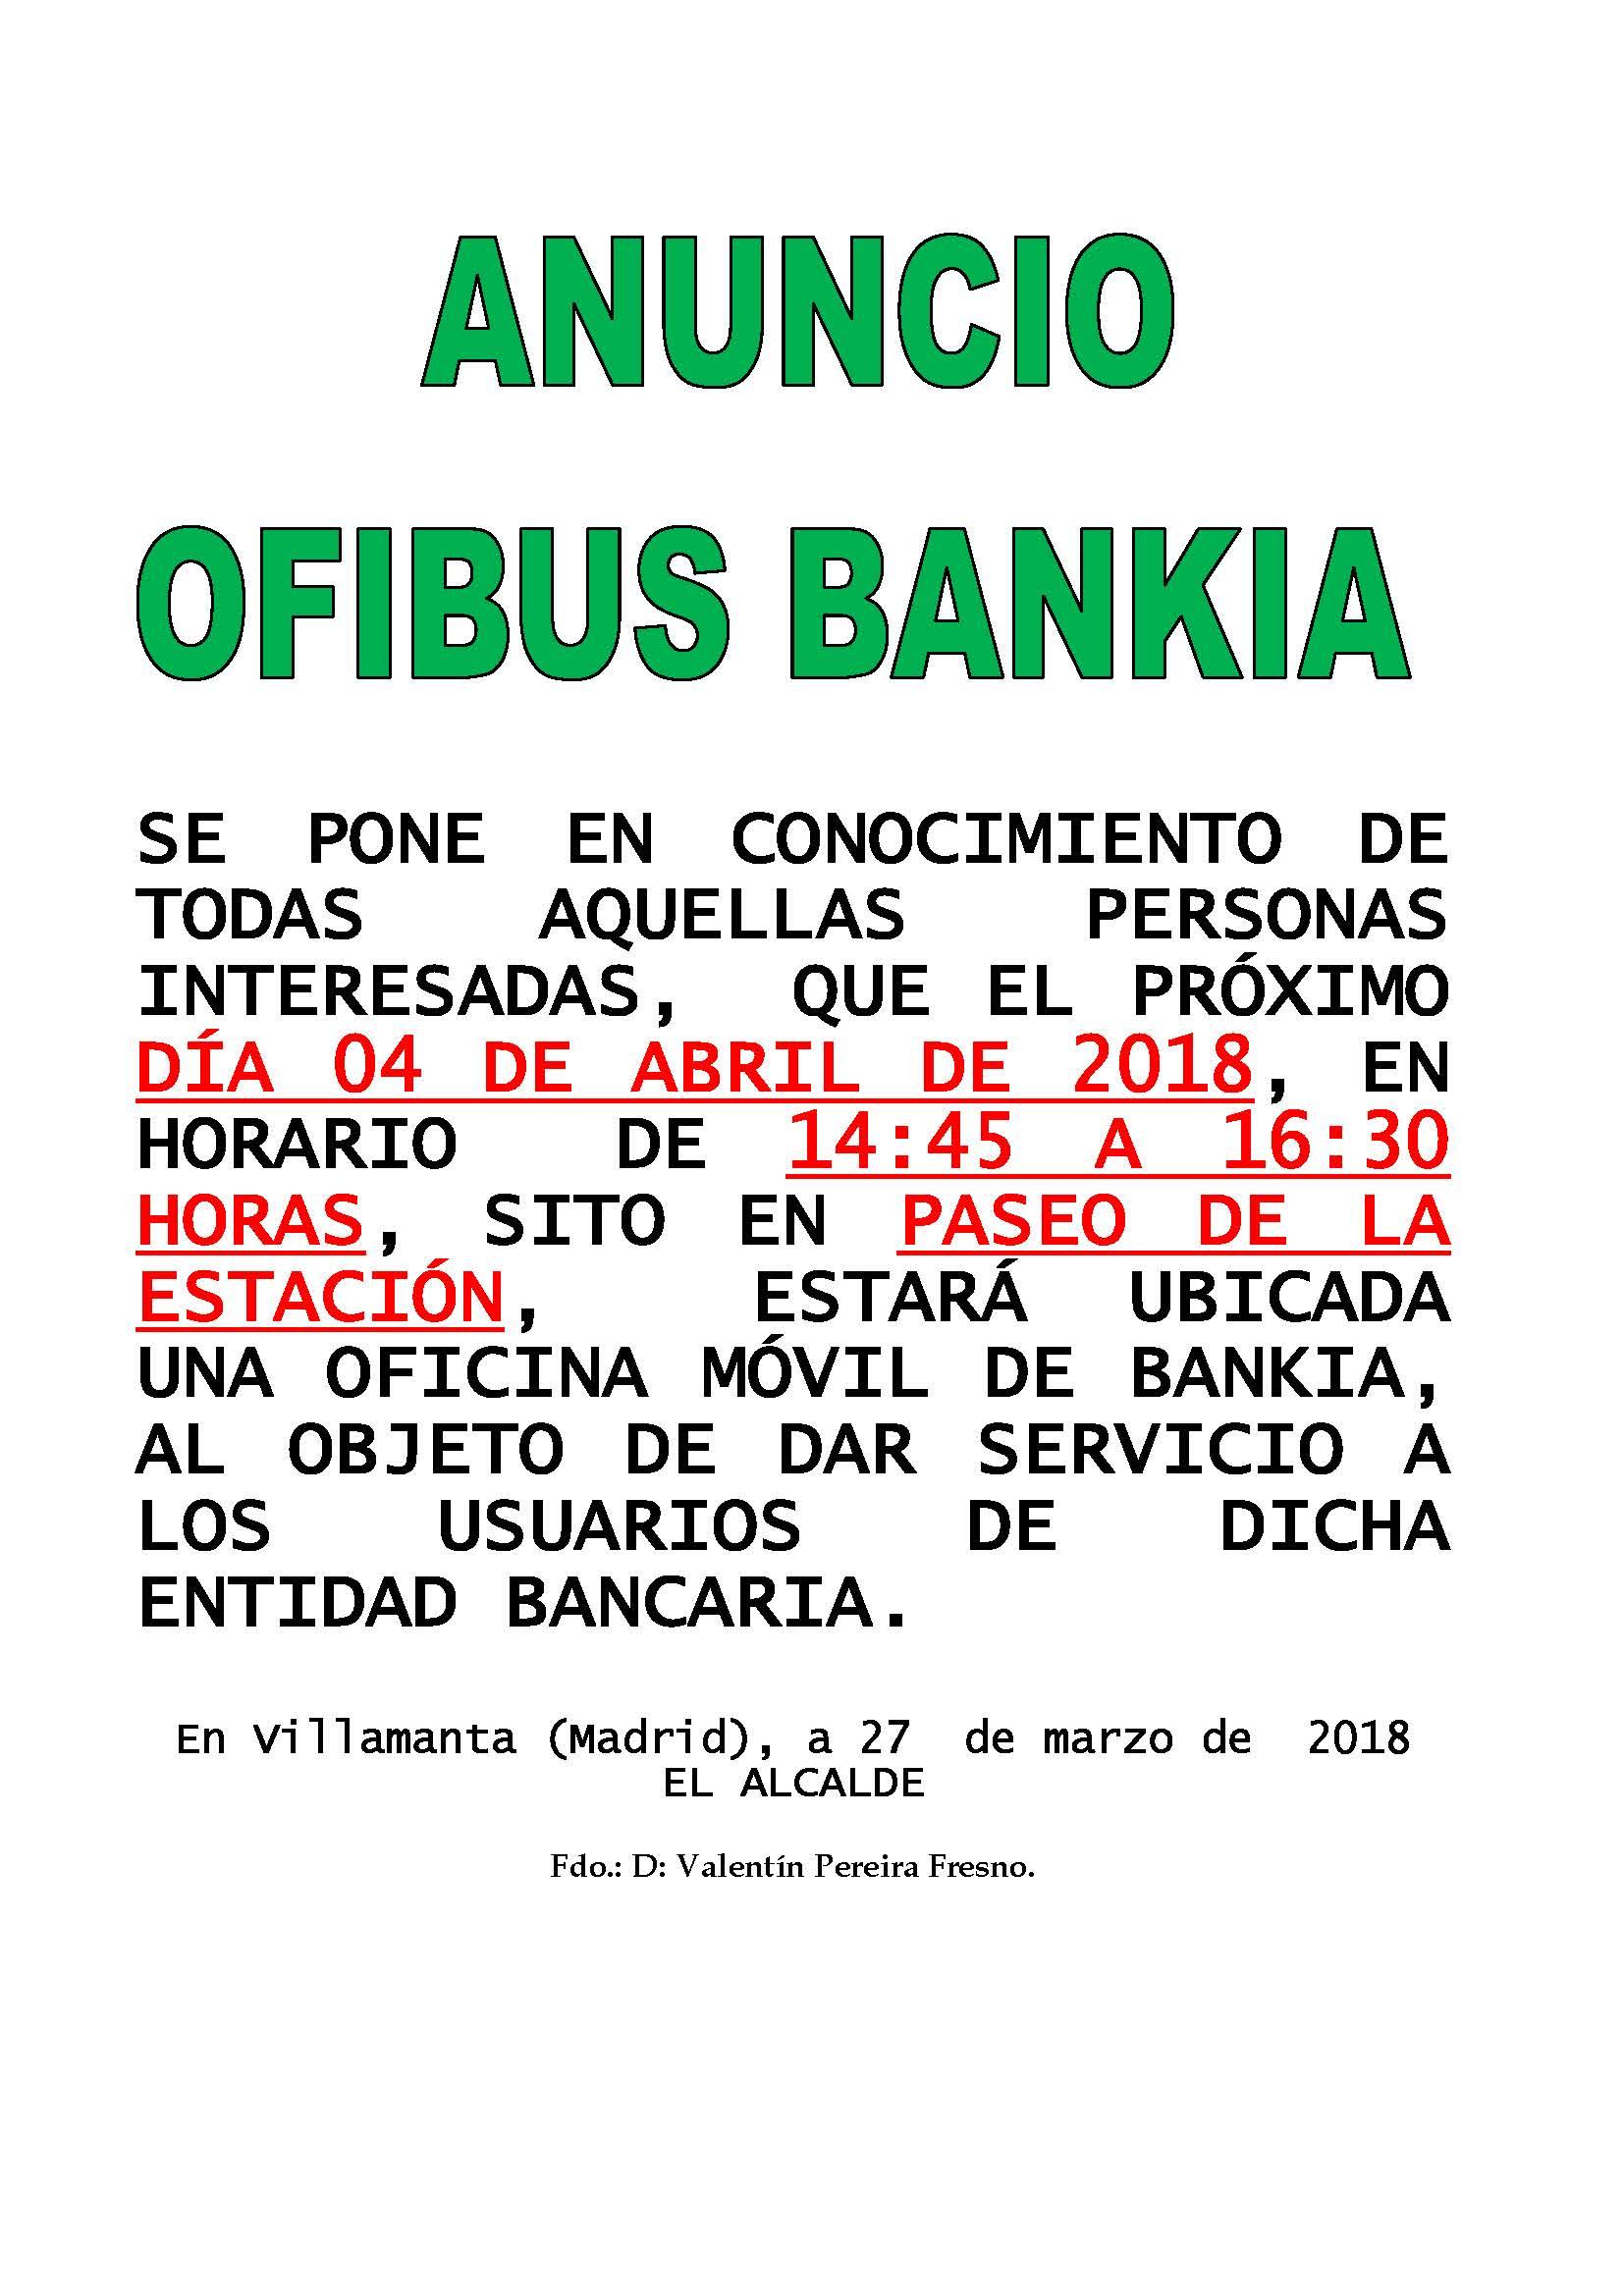 Ofibus Bankia 4 de abril de 2018